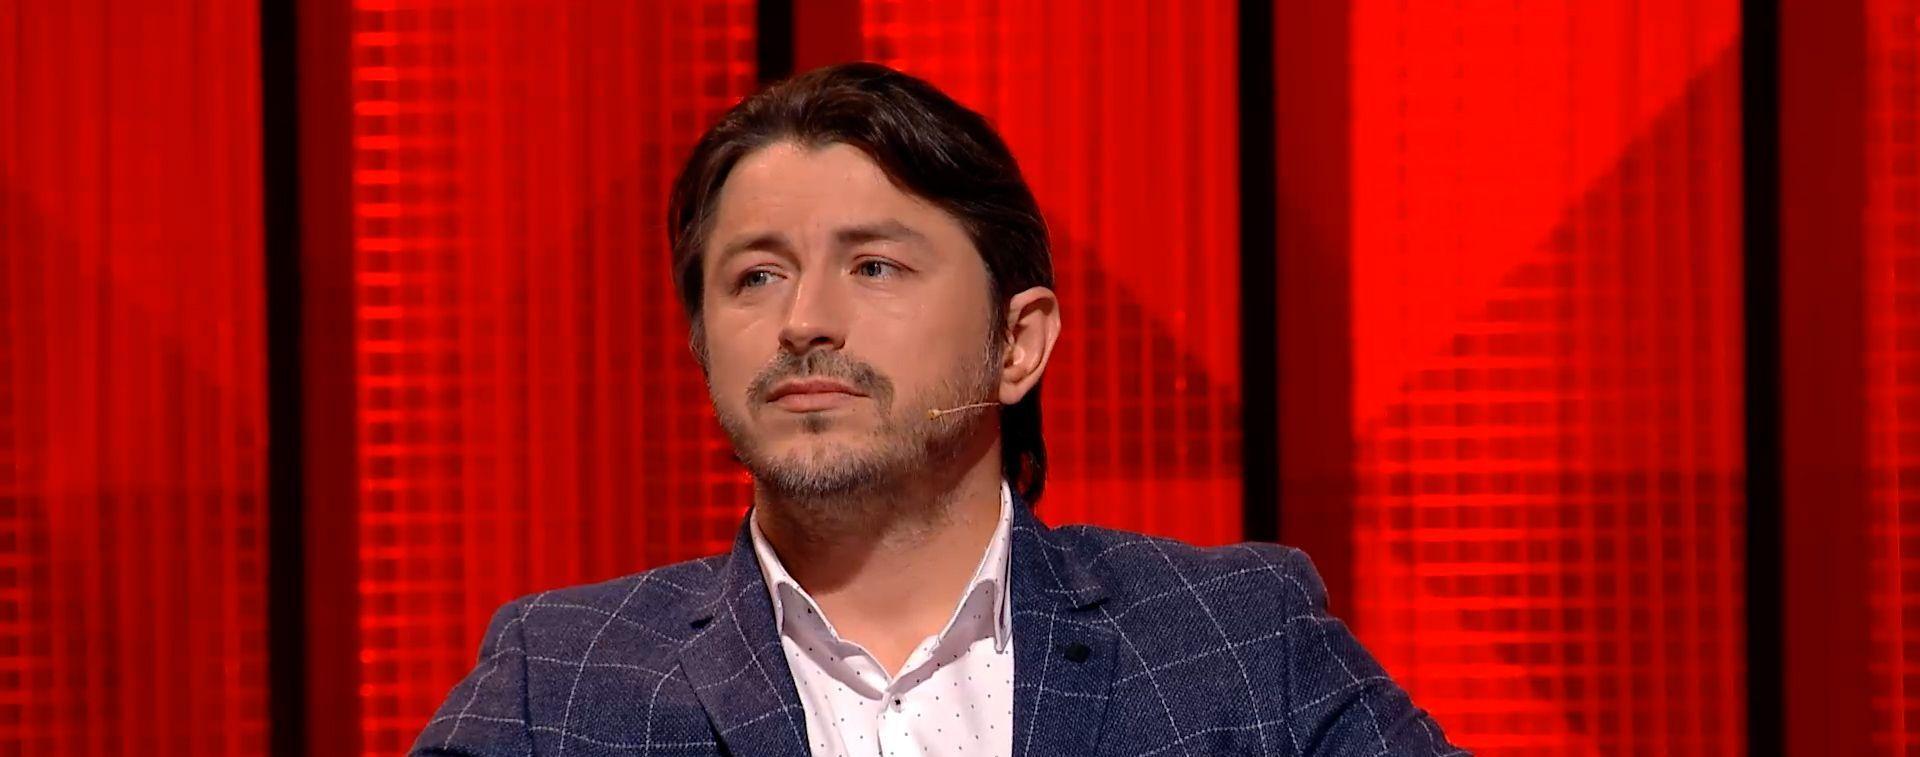 """Притула покинув """"Голос"""": у партії заявили про його """"амбіції і бажання отримати керівні посади"""""""